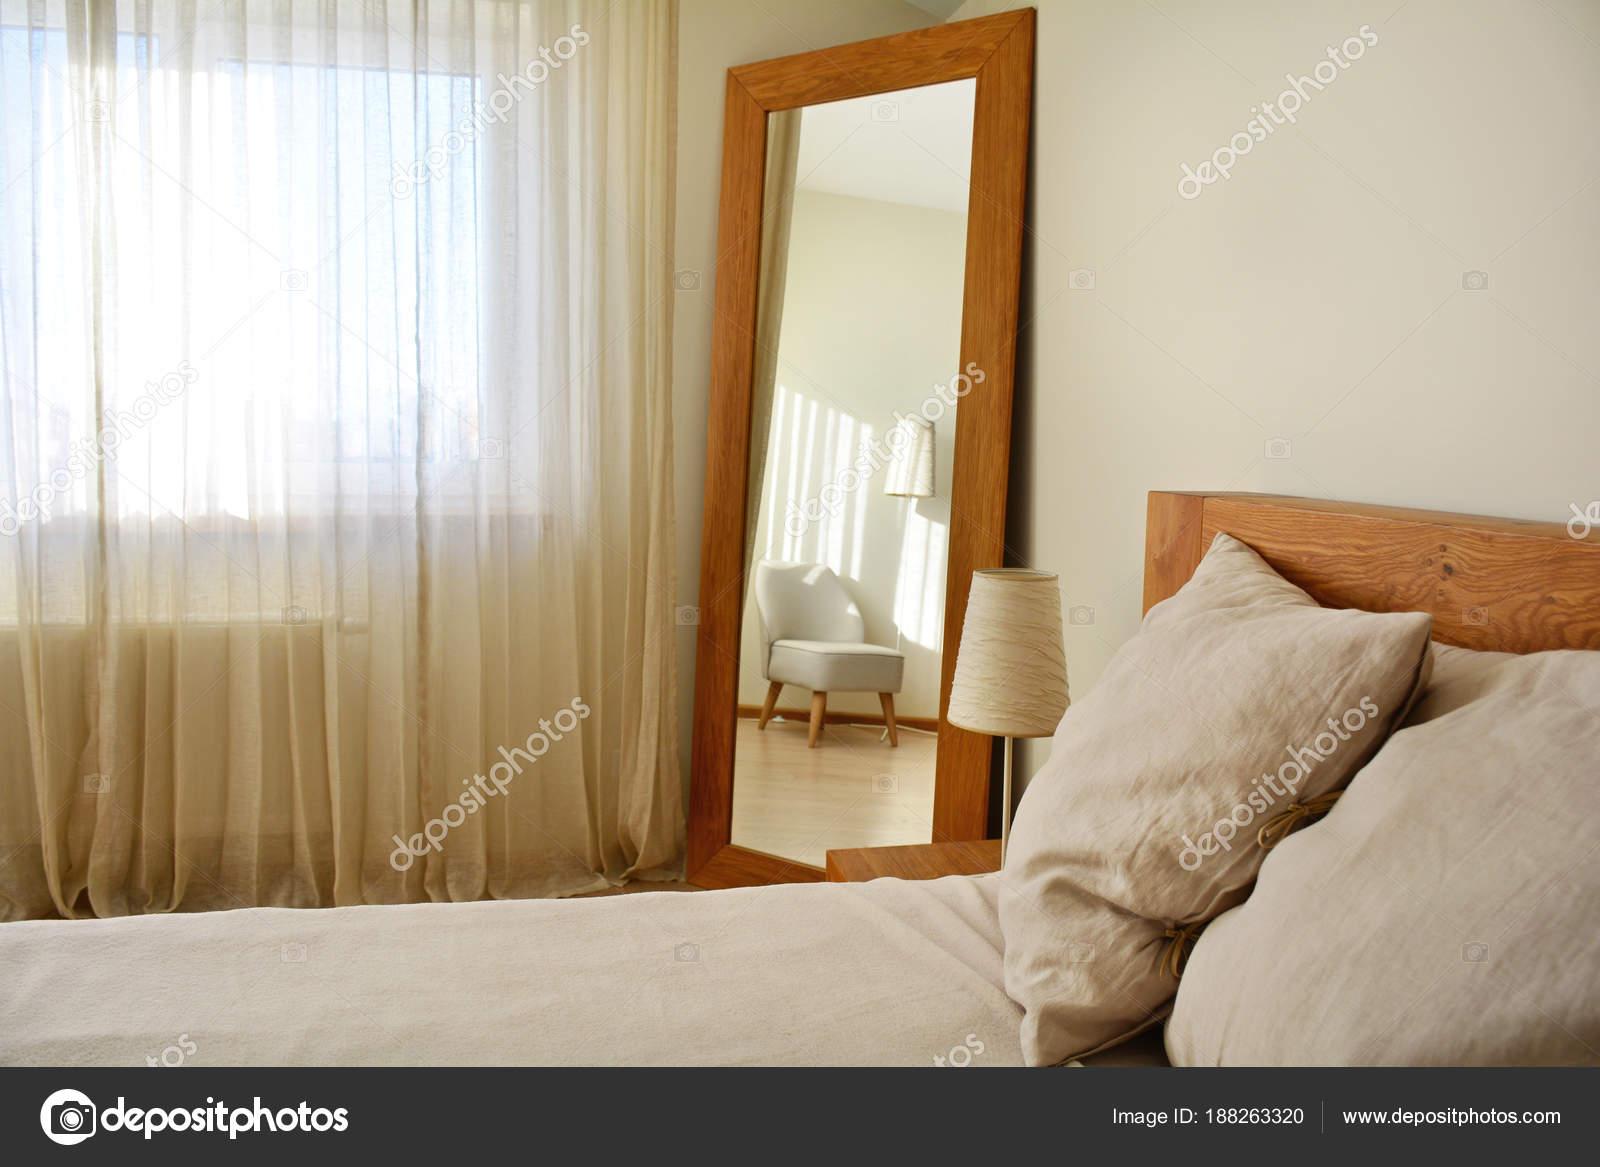 moderne slaapkamer interieur met natuurlijke eiken houten meubelen stockfoto